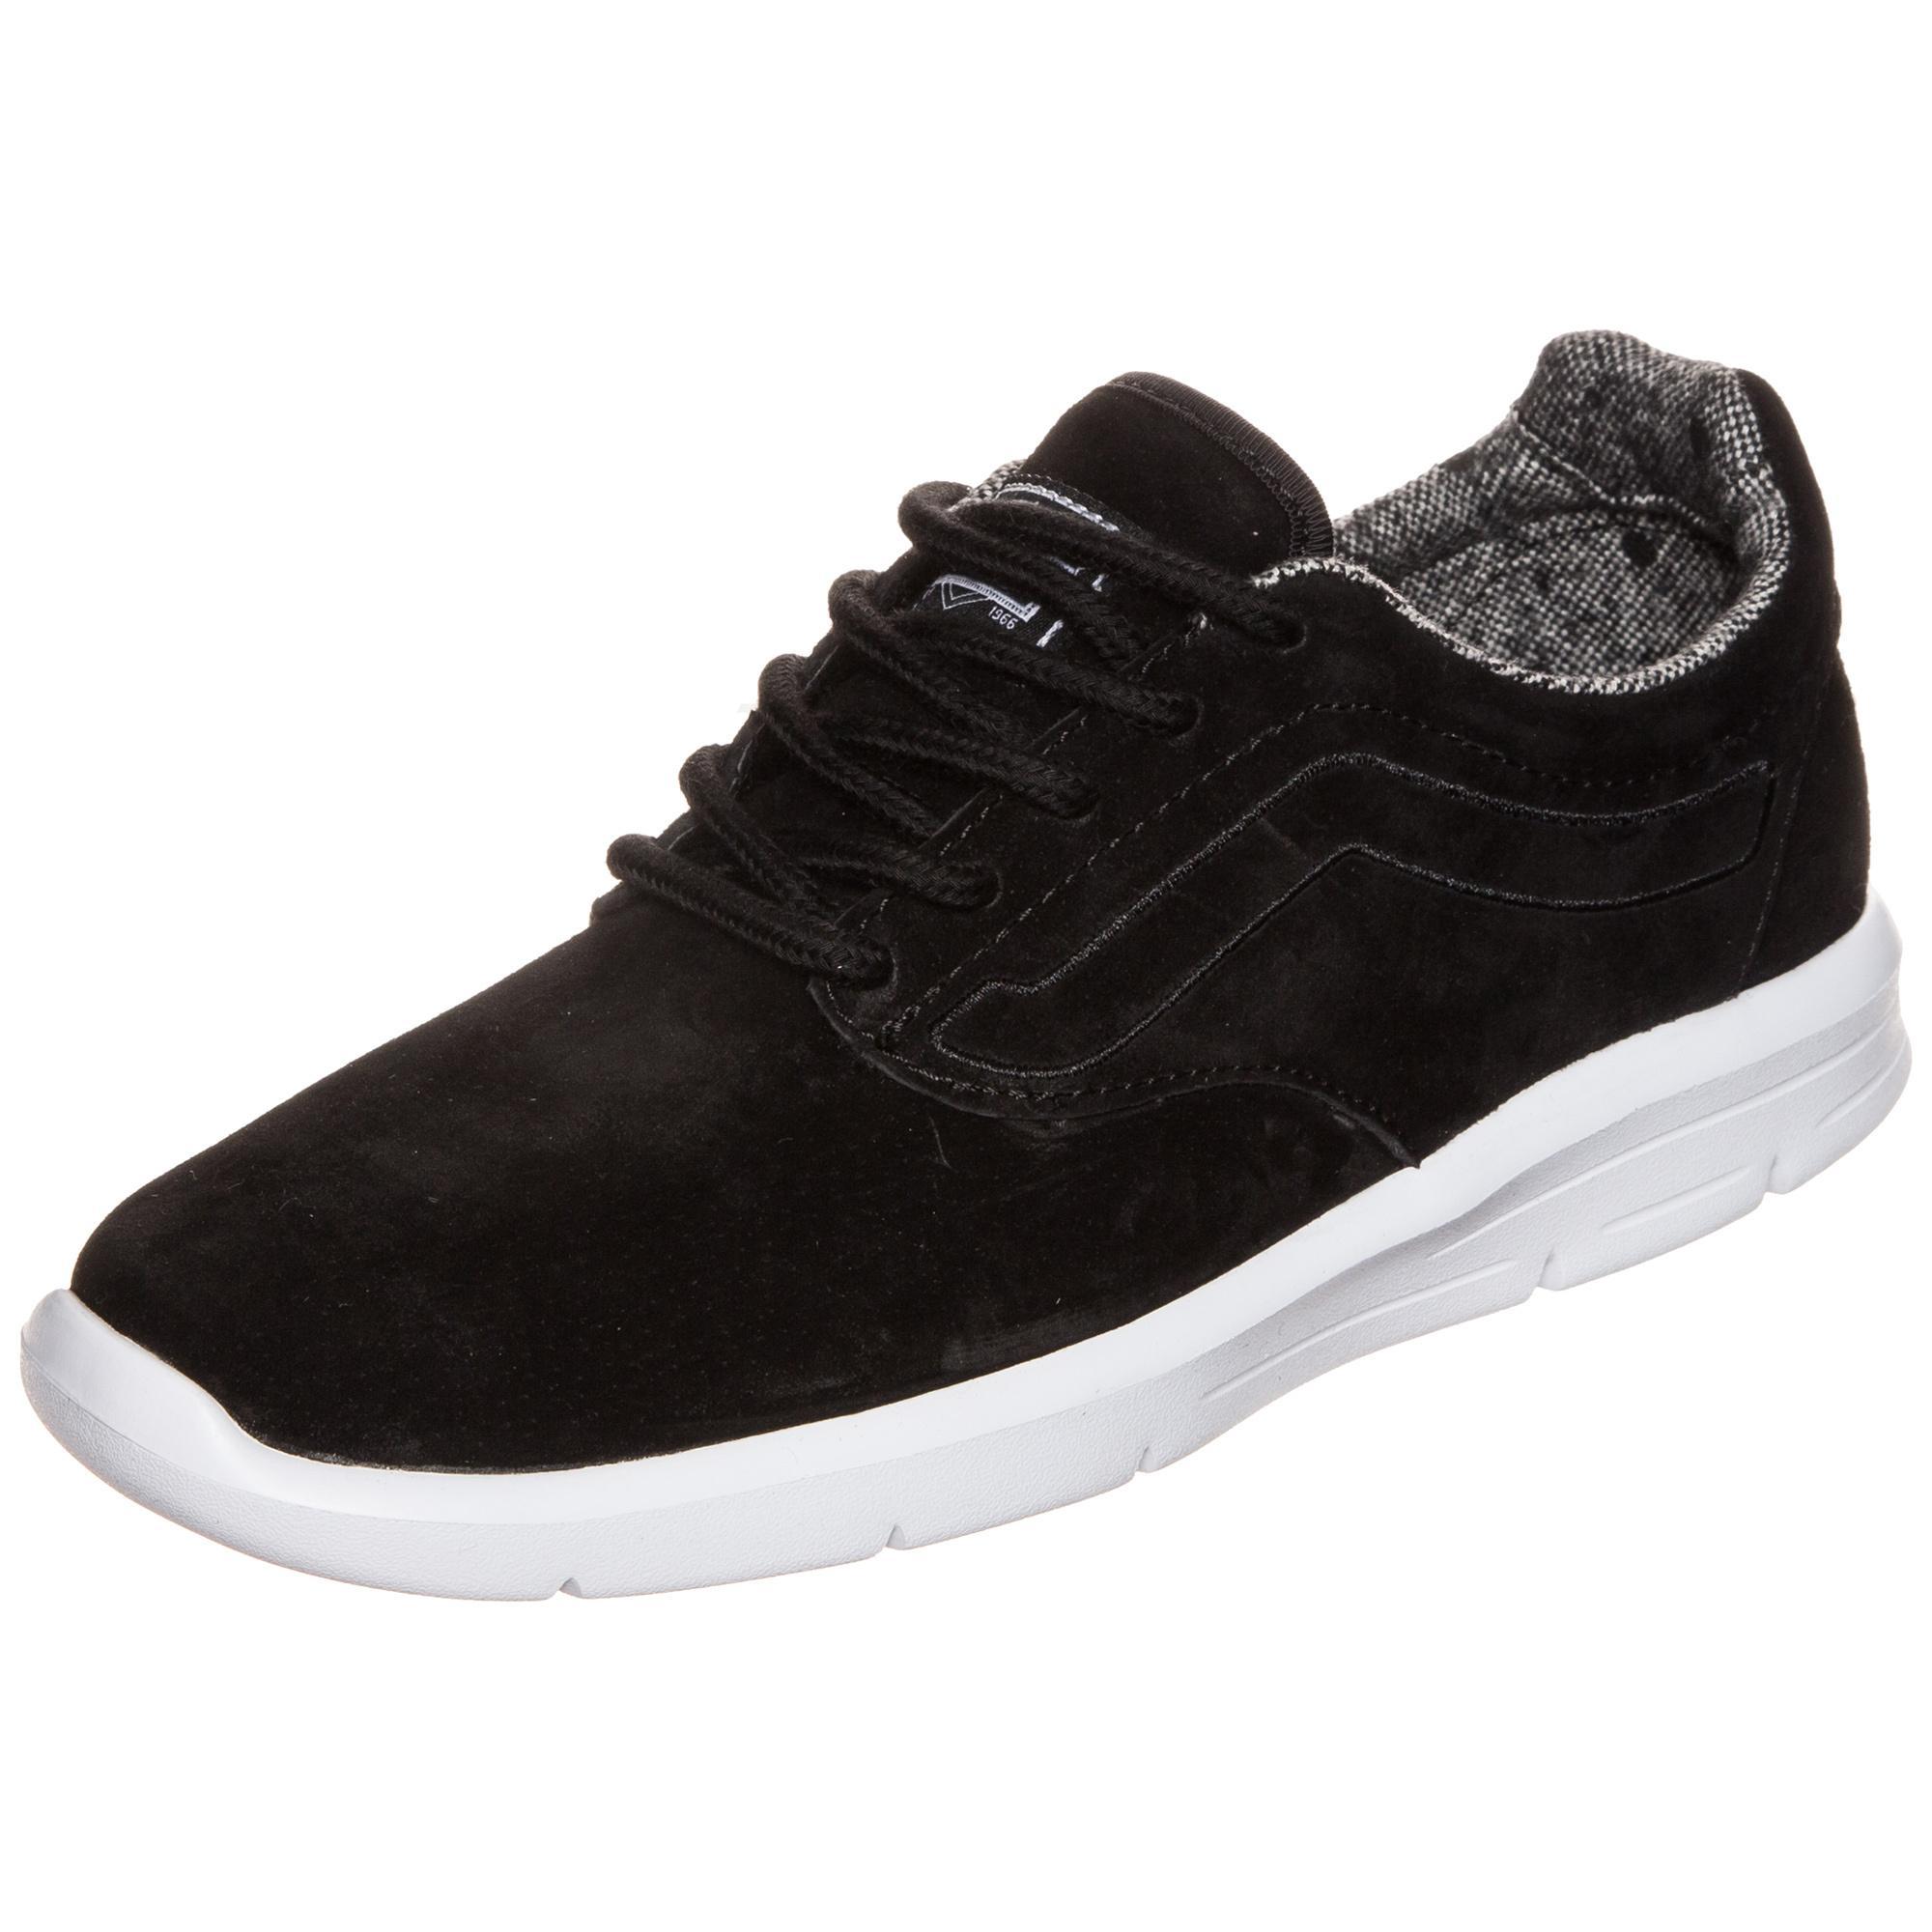 Vans Iso Damen 1.5 Tweed Dots Turnschuhe Damen Iso schwarz / grau im Online Shop von SportScheck kaufen Gute Qualität beliebte Schuhe ea75aa